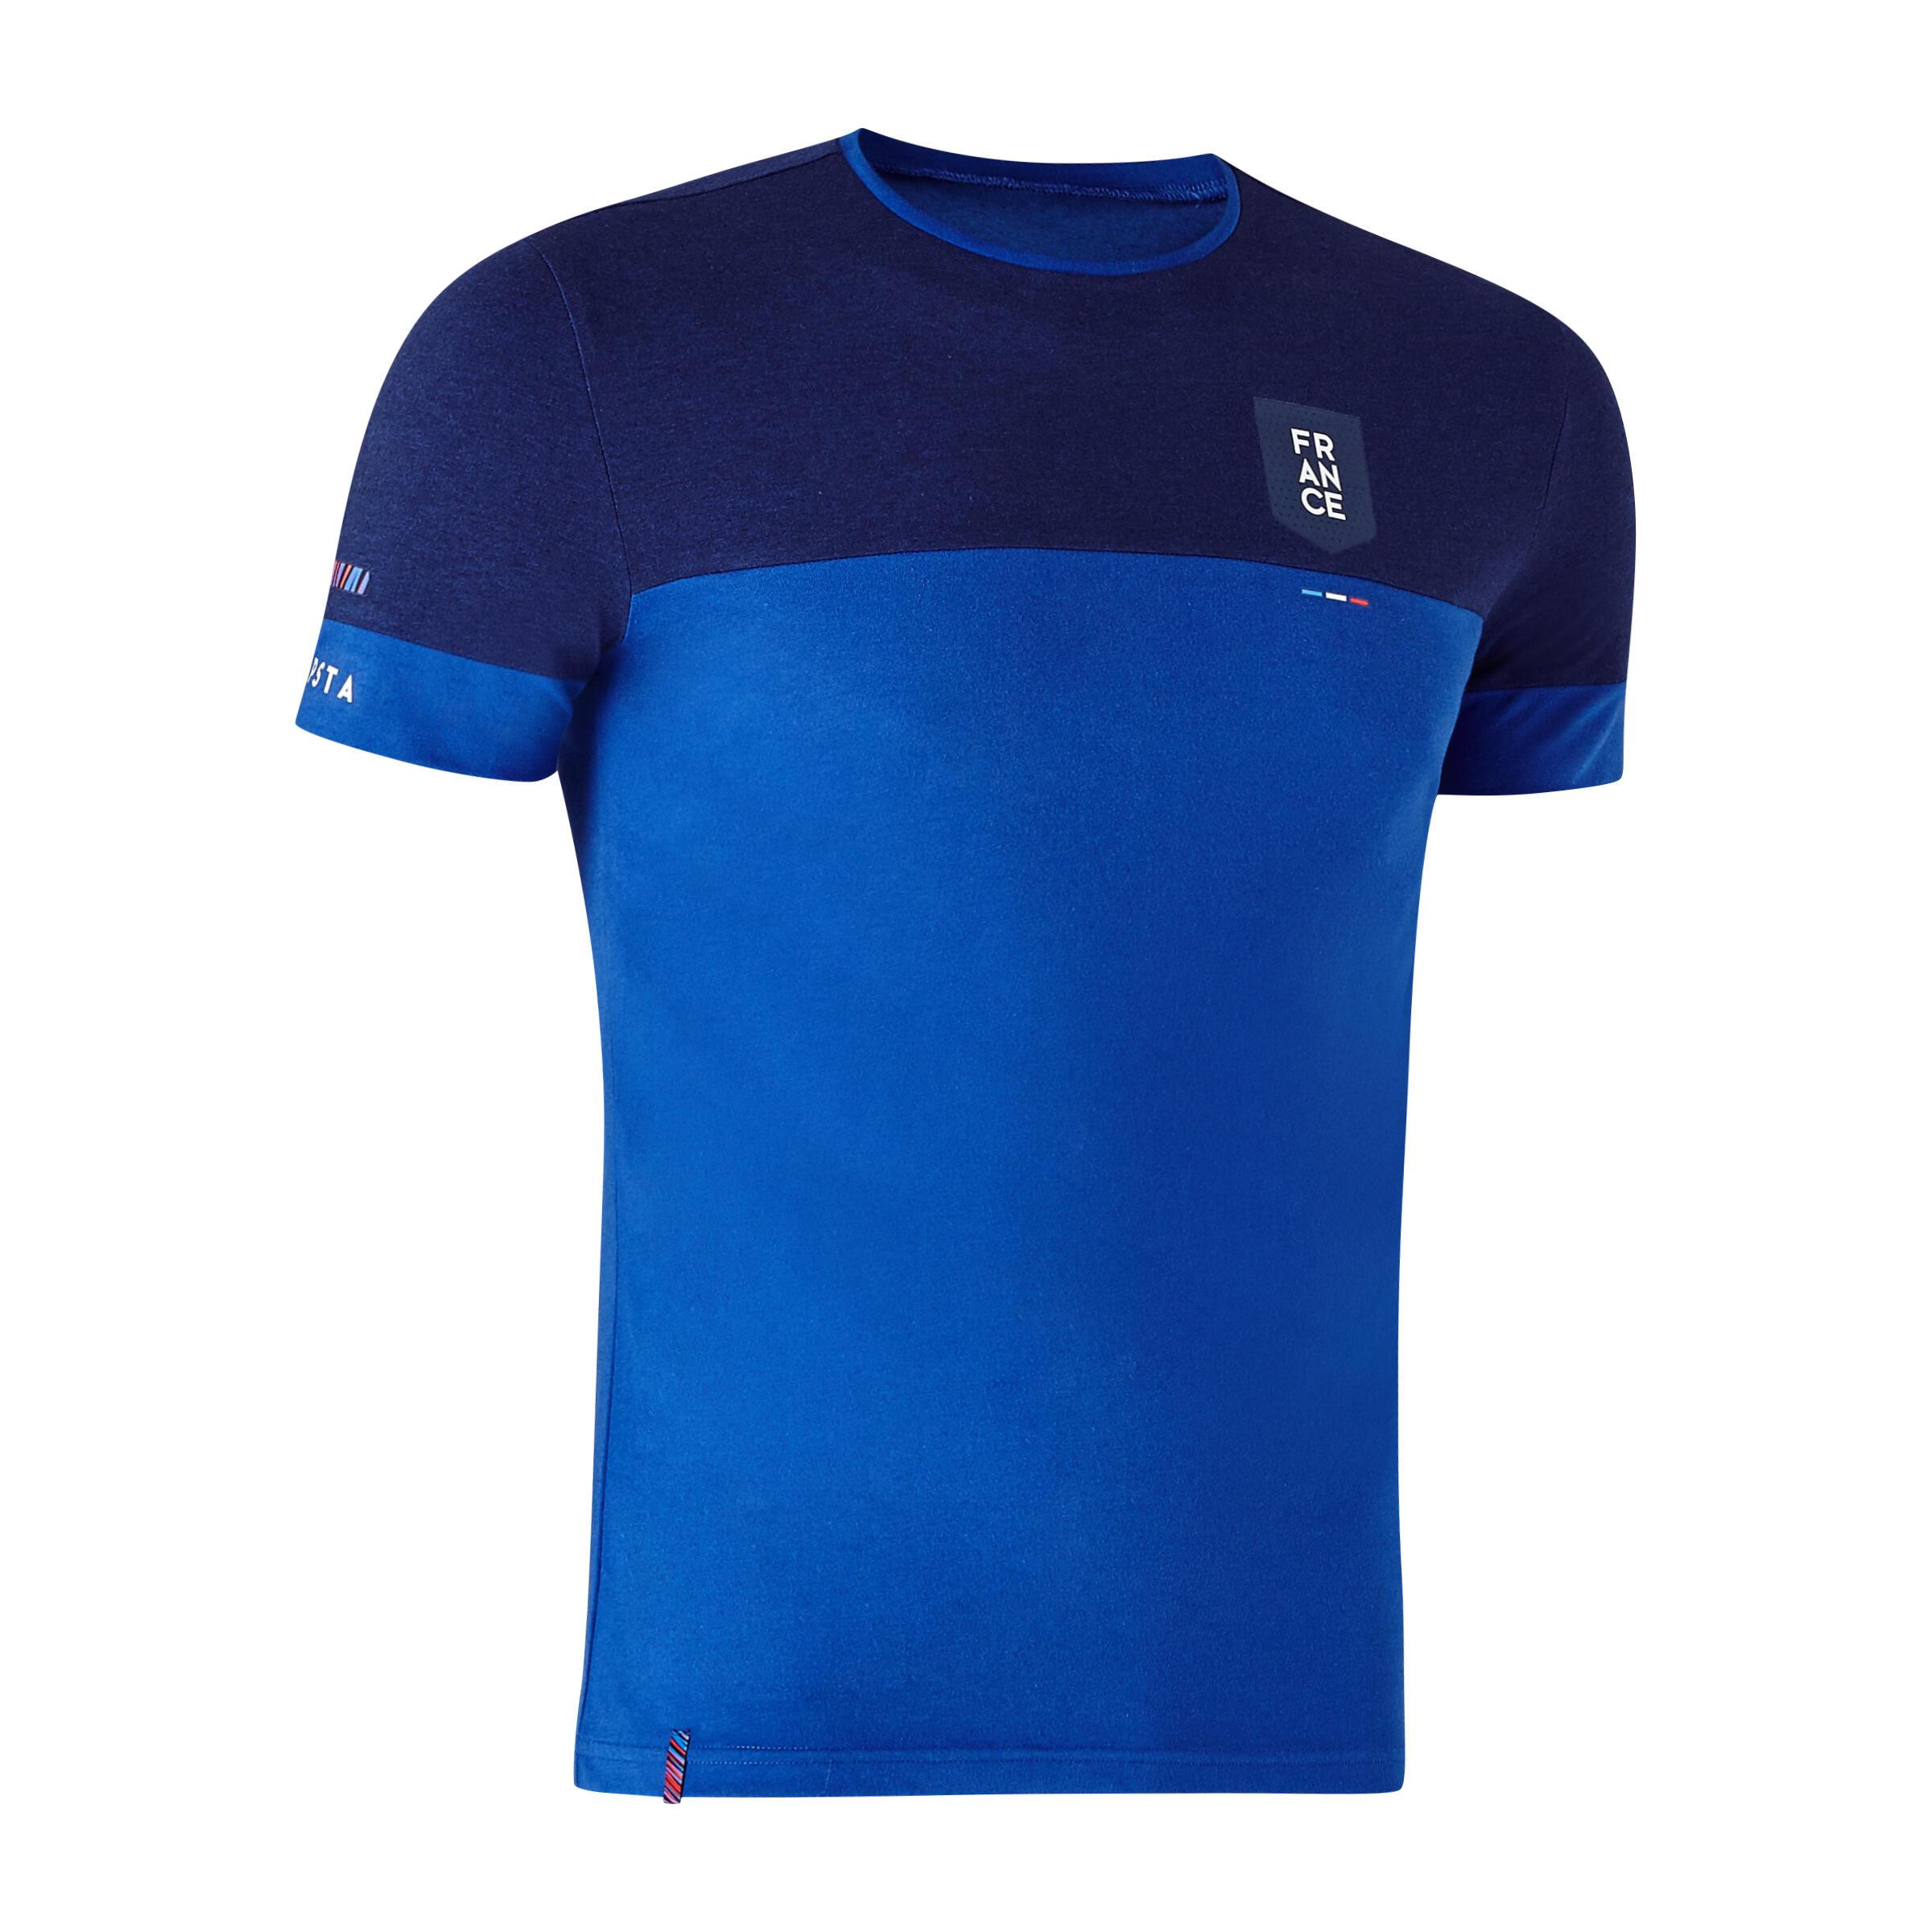 827fdbf731746 Camisetas Oficiales Selecciones Fútbol 2018